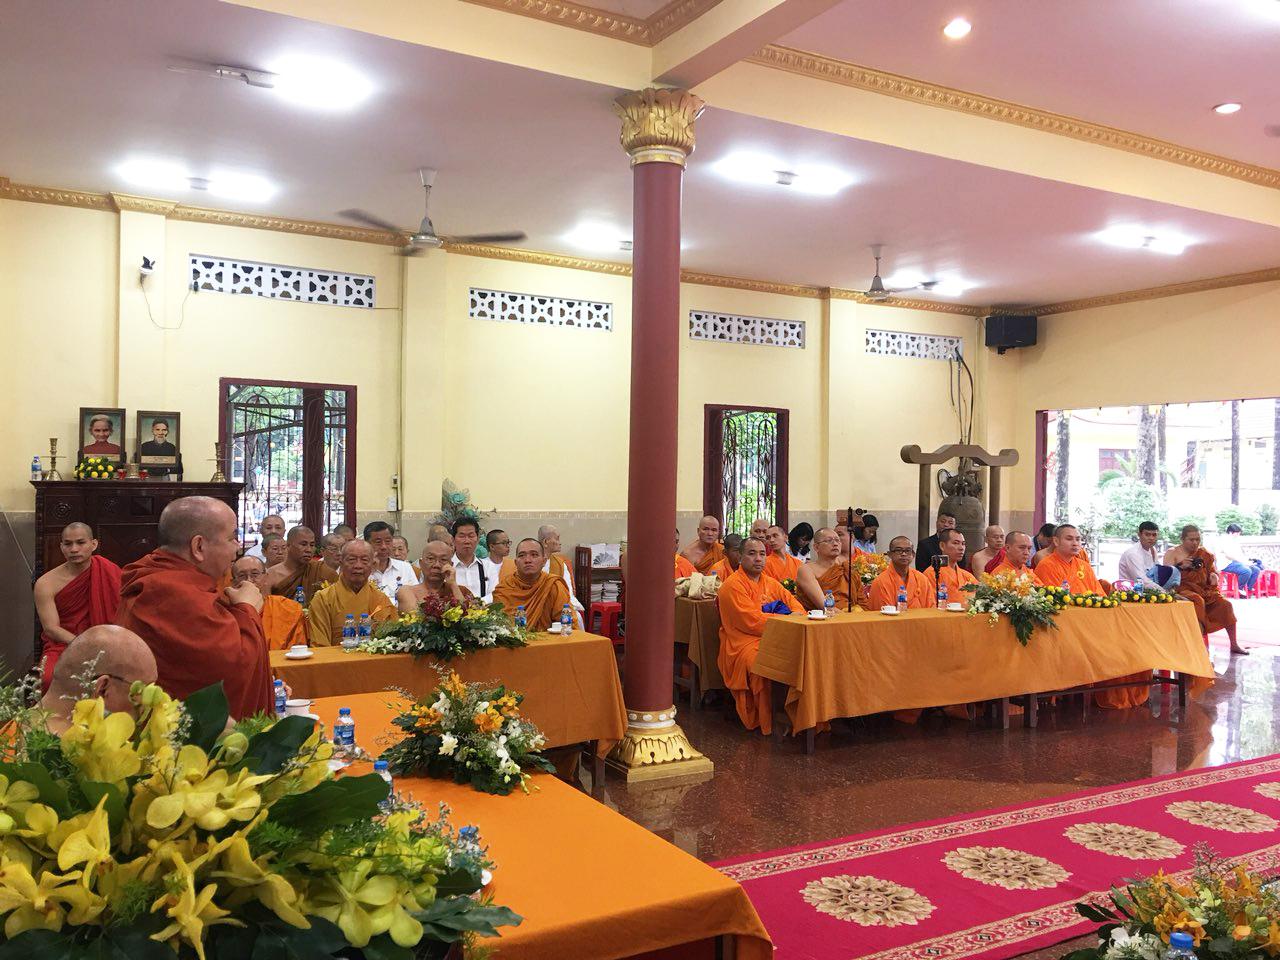 Phái đoàn Phật giáo An Nam tông Thái Lan đến thăm chùa Bửu Quang - an-nam-6.jpg (728425 KB)